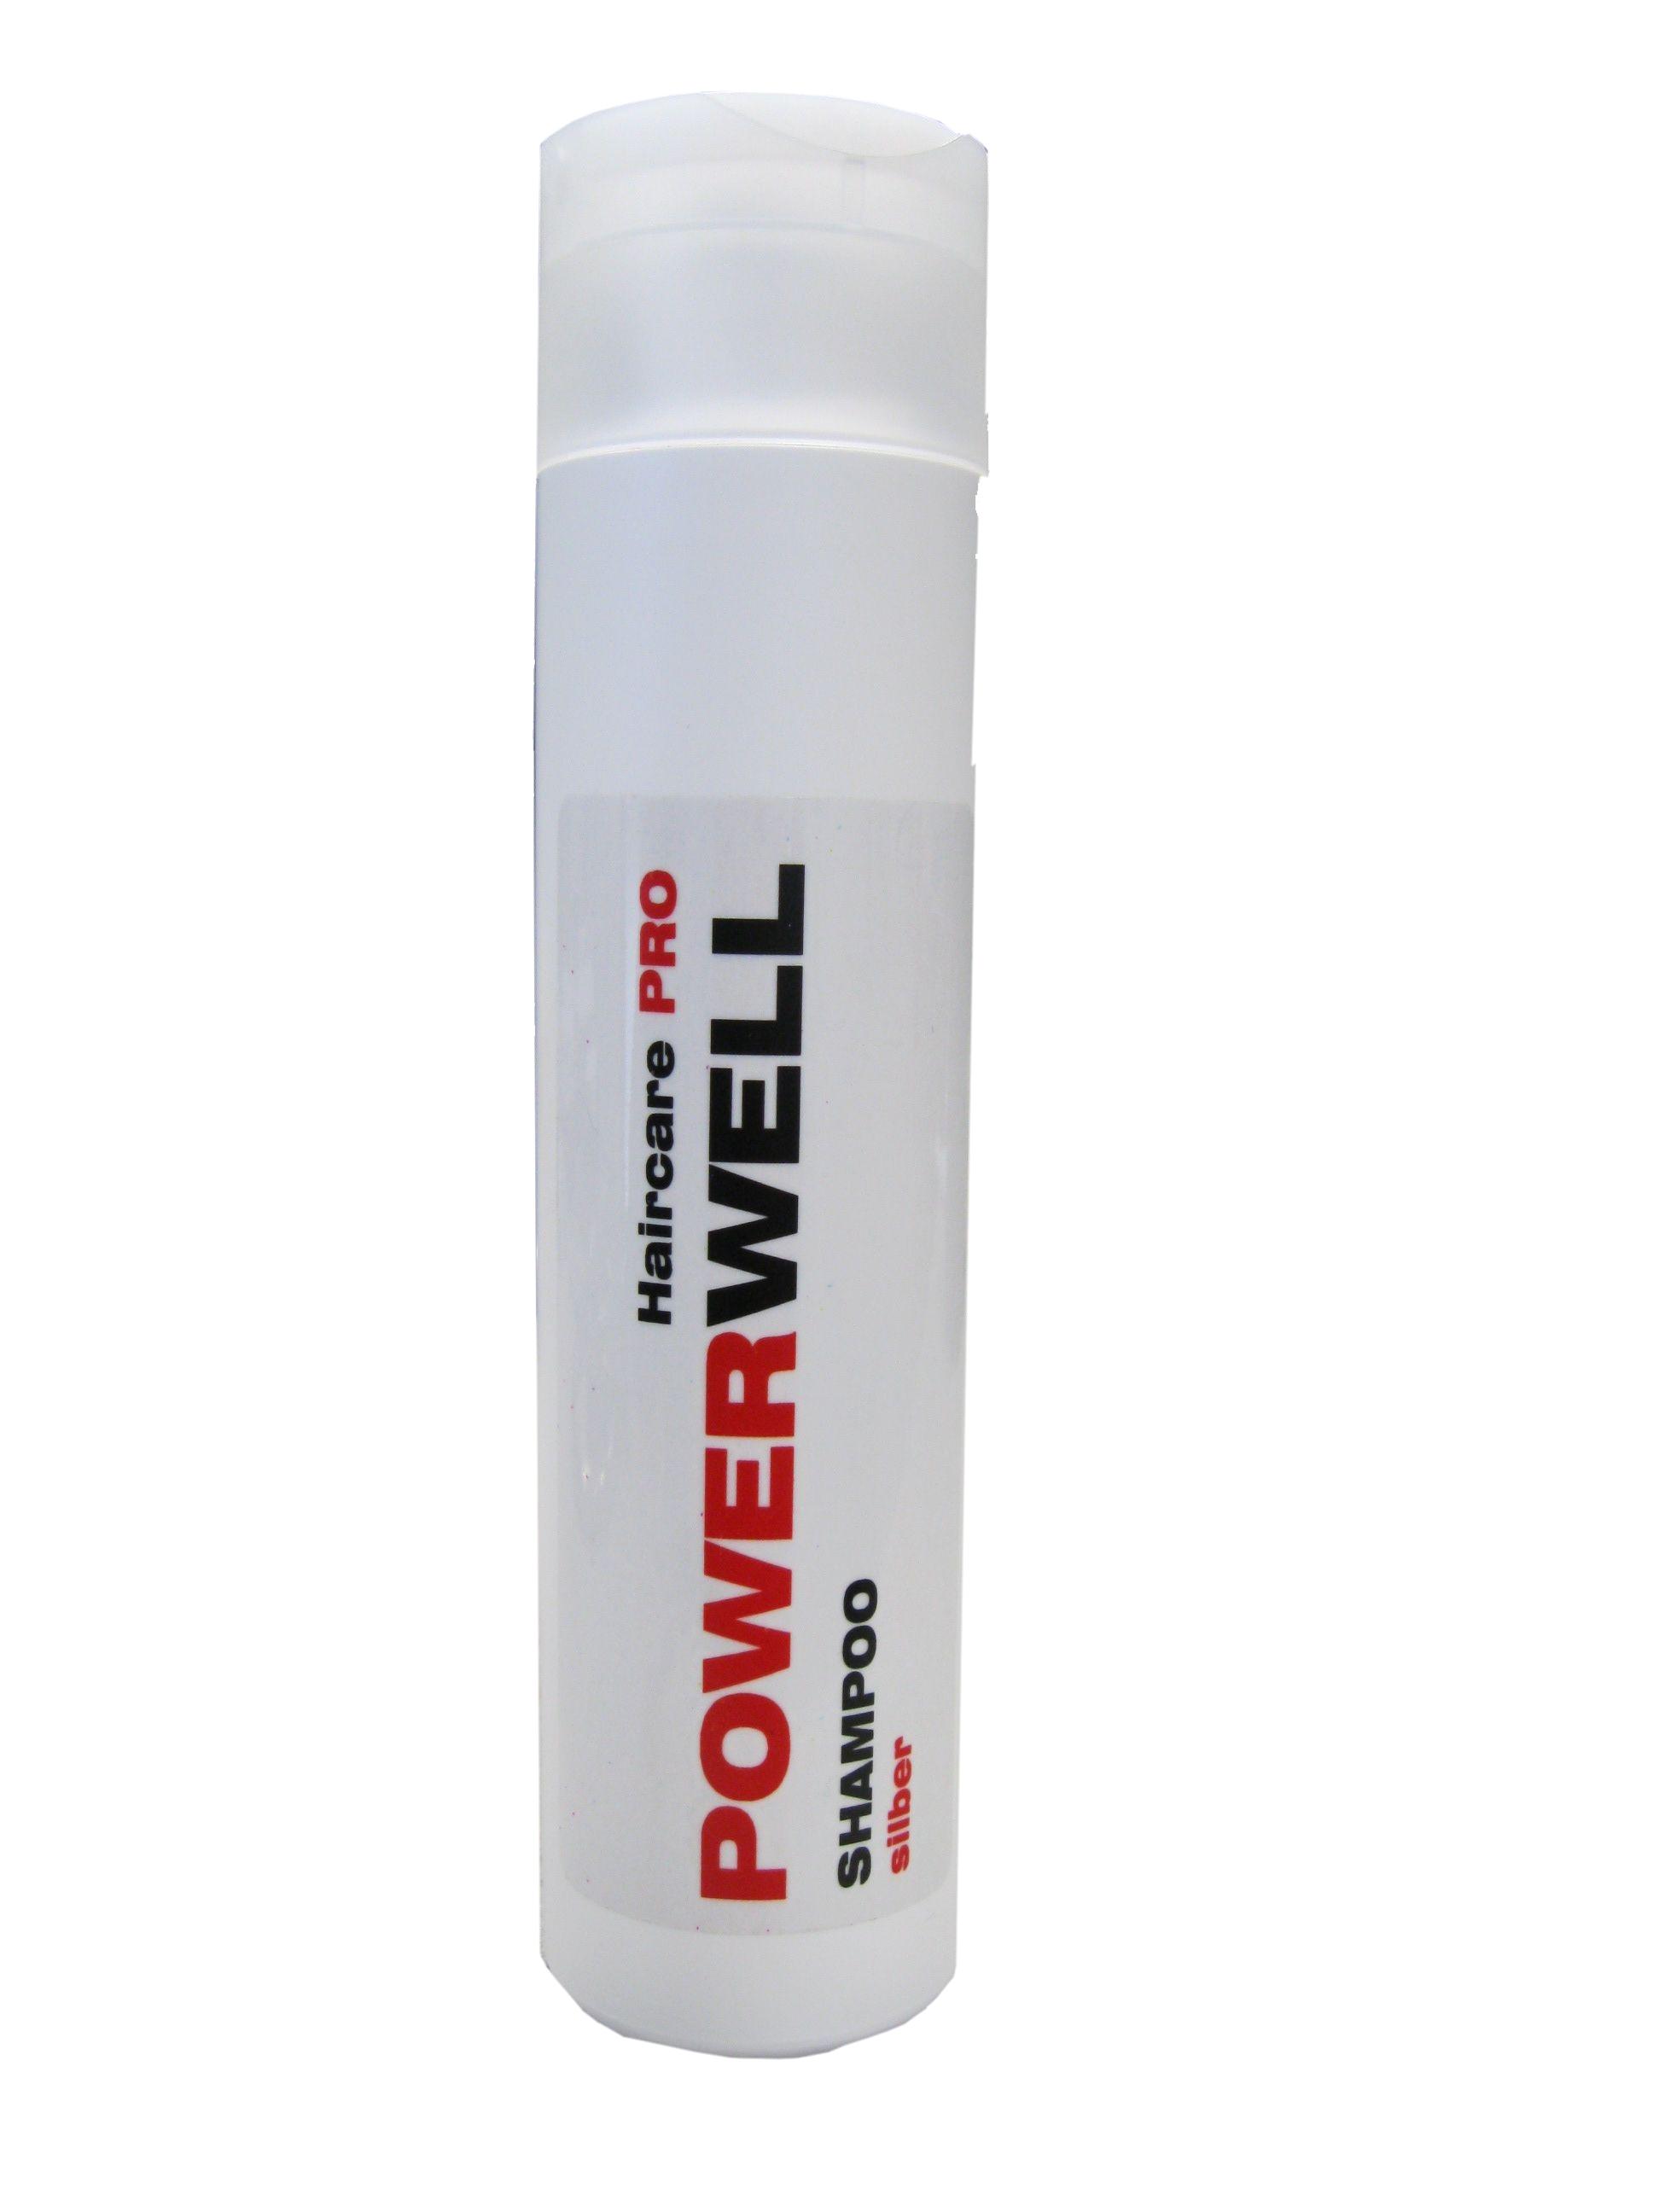 POWERWELL Anti-Yellow Shampoo 200 ml